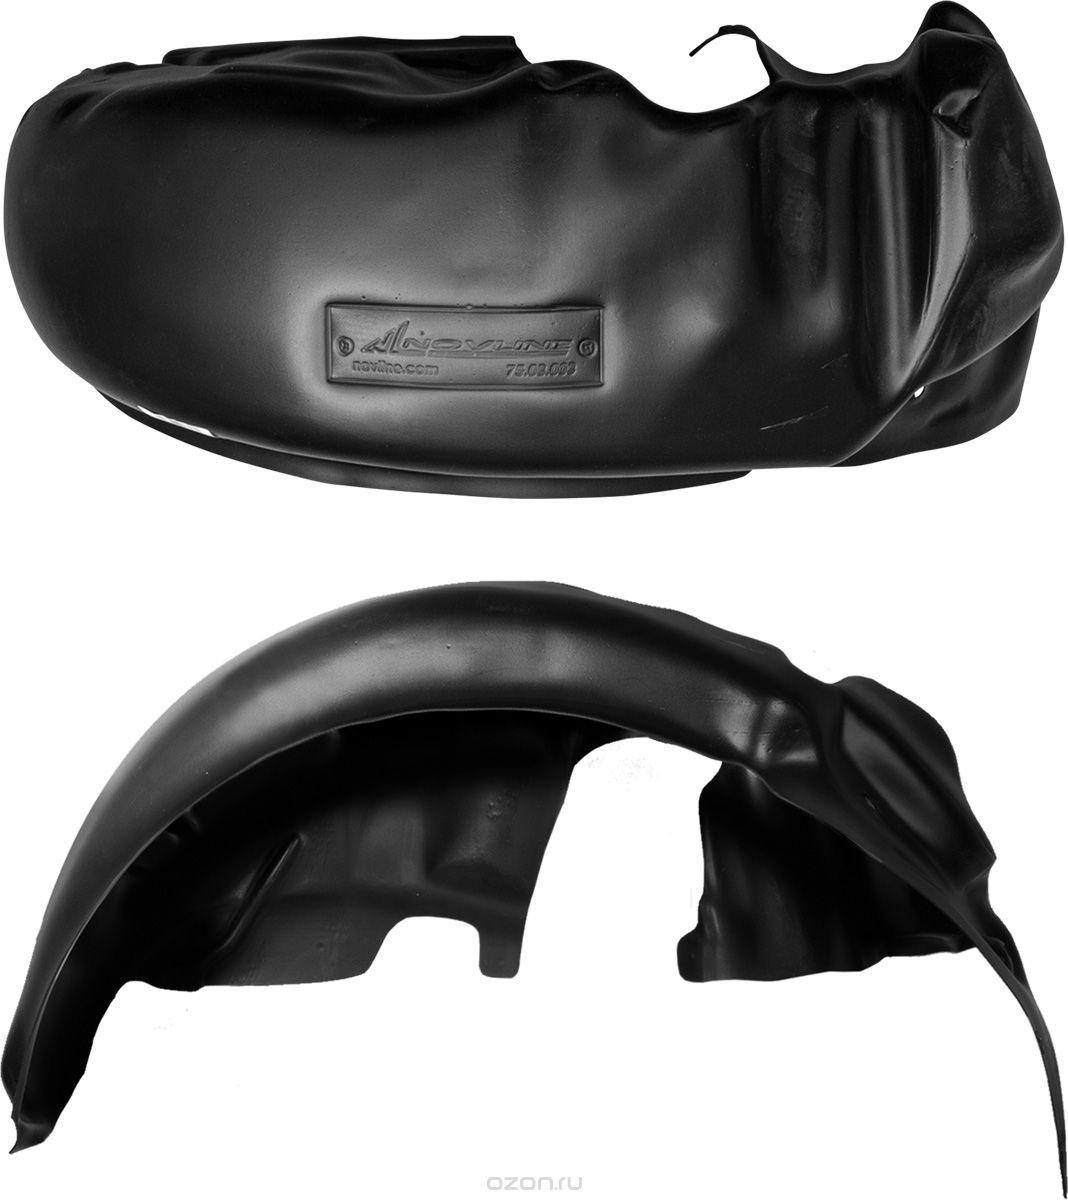 Подкрылок Novline-Autofamily, для Acura RDX, 2014->, передний левыйNLL.01.01.001Идеальная защита колесной ниши. Локеры разработаны с применением цифровых технологий, гарантируют максимальную повторяемость поверхности арки. Изделия устанавливаются без нарушения лакокрасочного покрытия автомобиля, каждый подкрылок комплектуется крепежом. Уважаемые клиенты, обращаем ваше внимание, что фотографии на подкрылки универсальные и не отражают реальную форму изделия. При этом само изделие идет точно под размер указанного автомобиля.